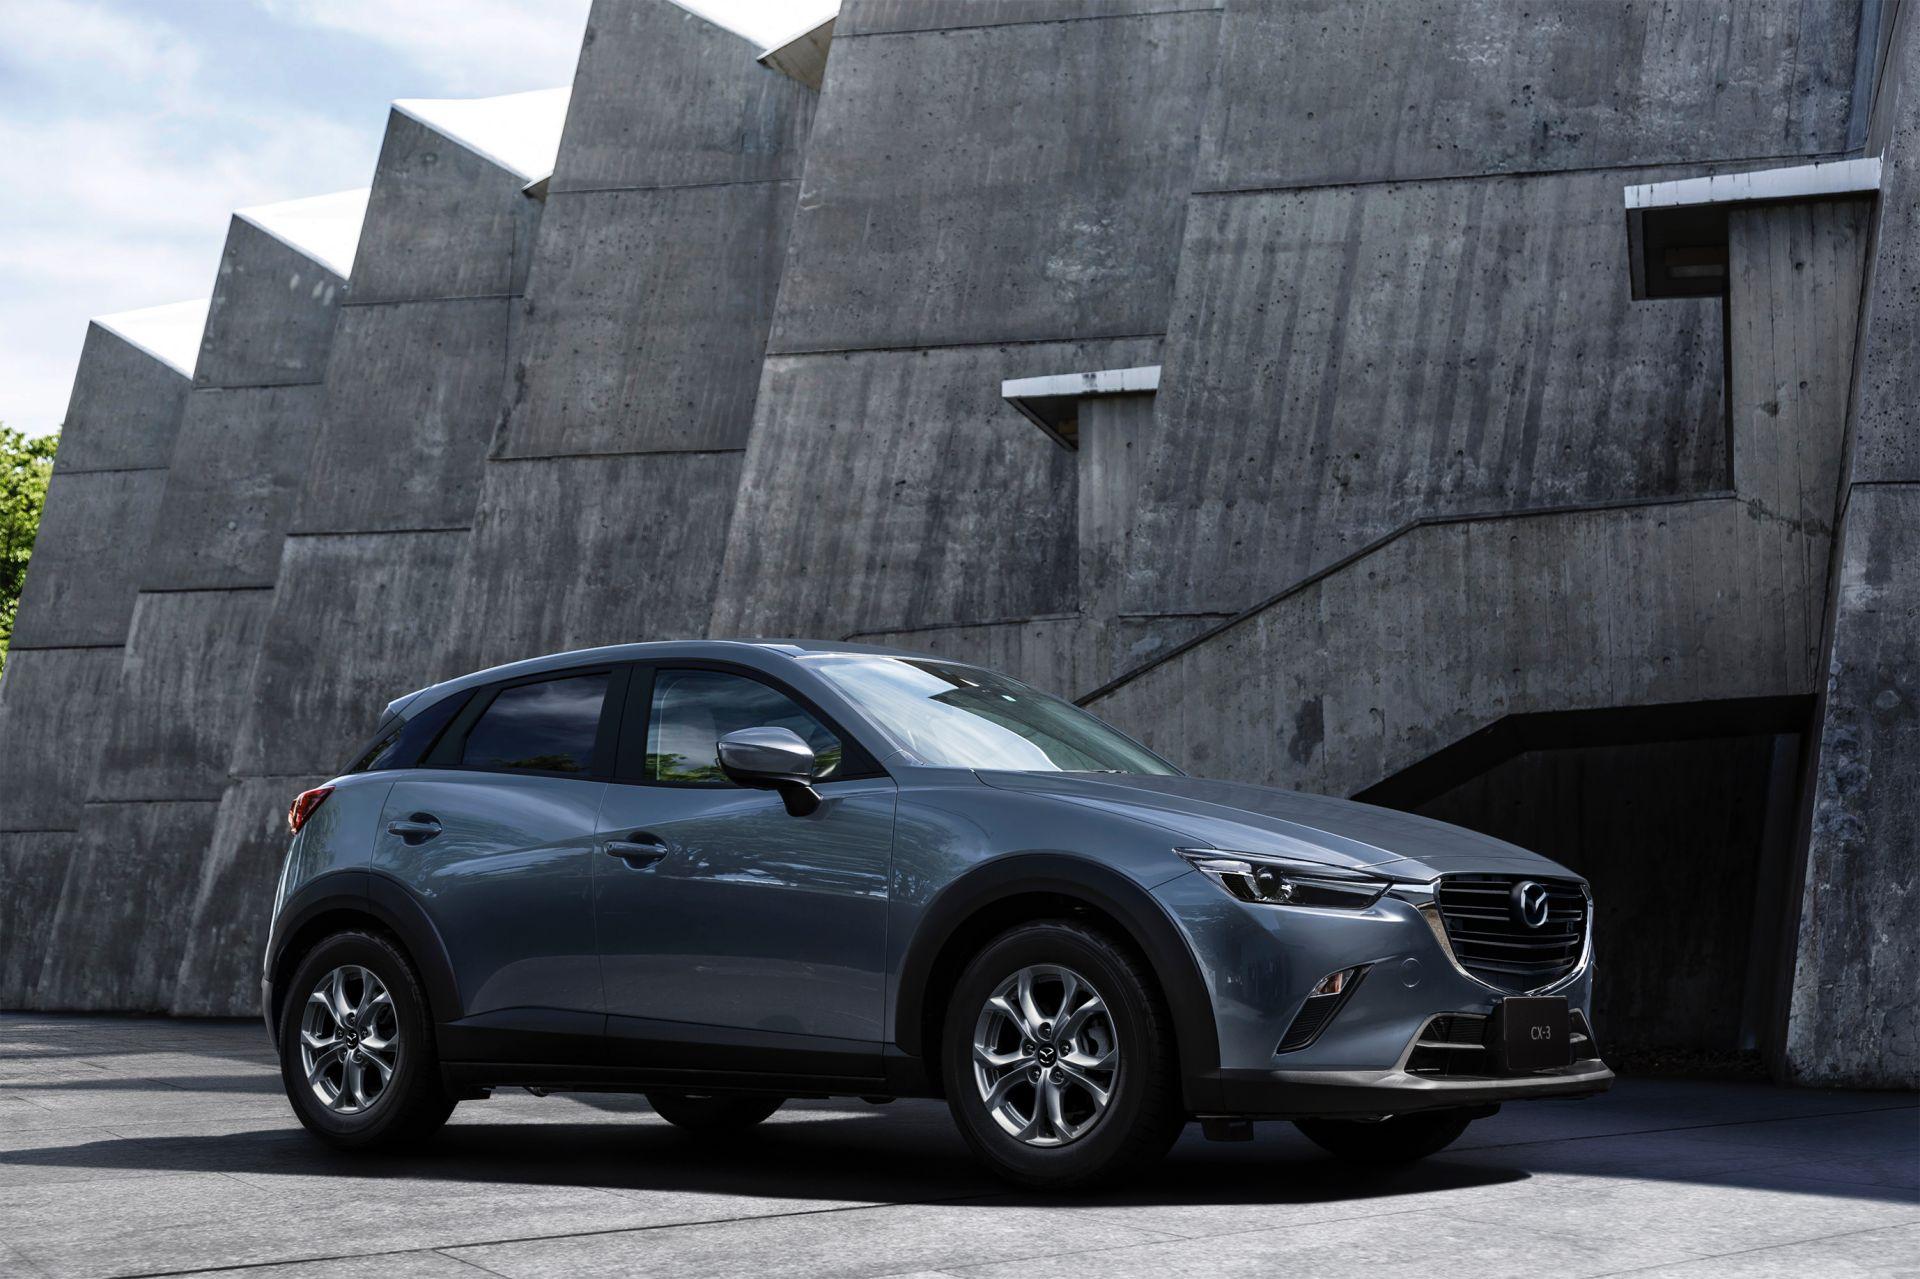 Kelebihan Mazda C3 Top Model Tahun Ini